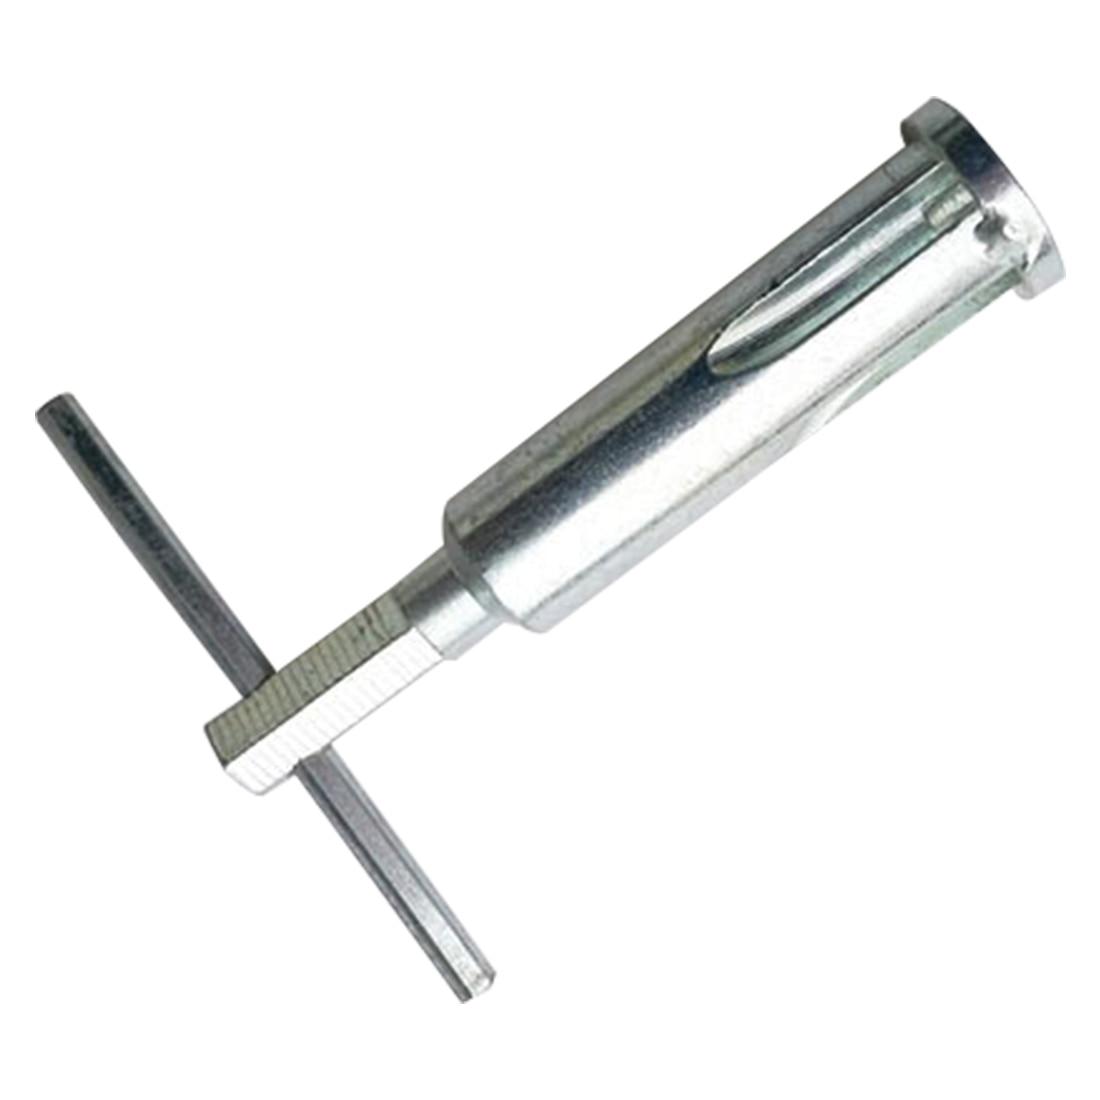 Werkzeuge Pflichtbewusst Hand Werkzeug Elektronische Arbeit Draht Dekrustation Zangen Mit Bohrmaschine Elektrische Draht Zubehör Verdrehen Werkzeuge Draht Stripper